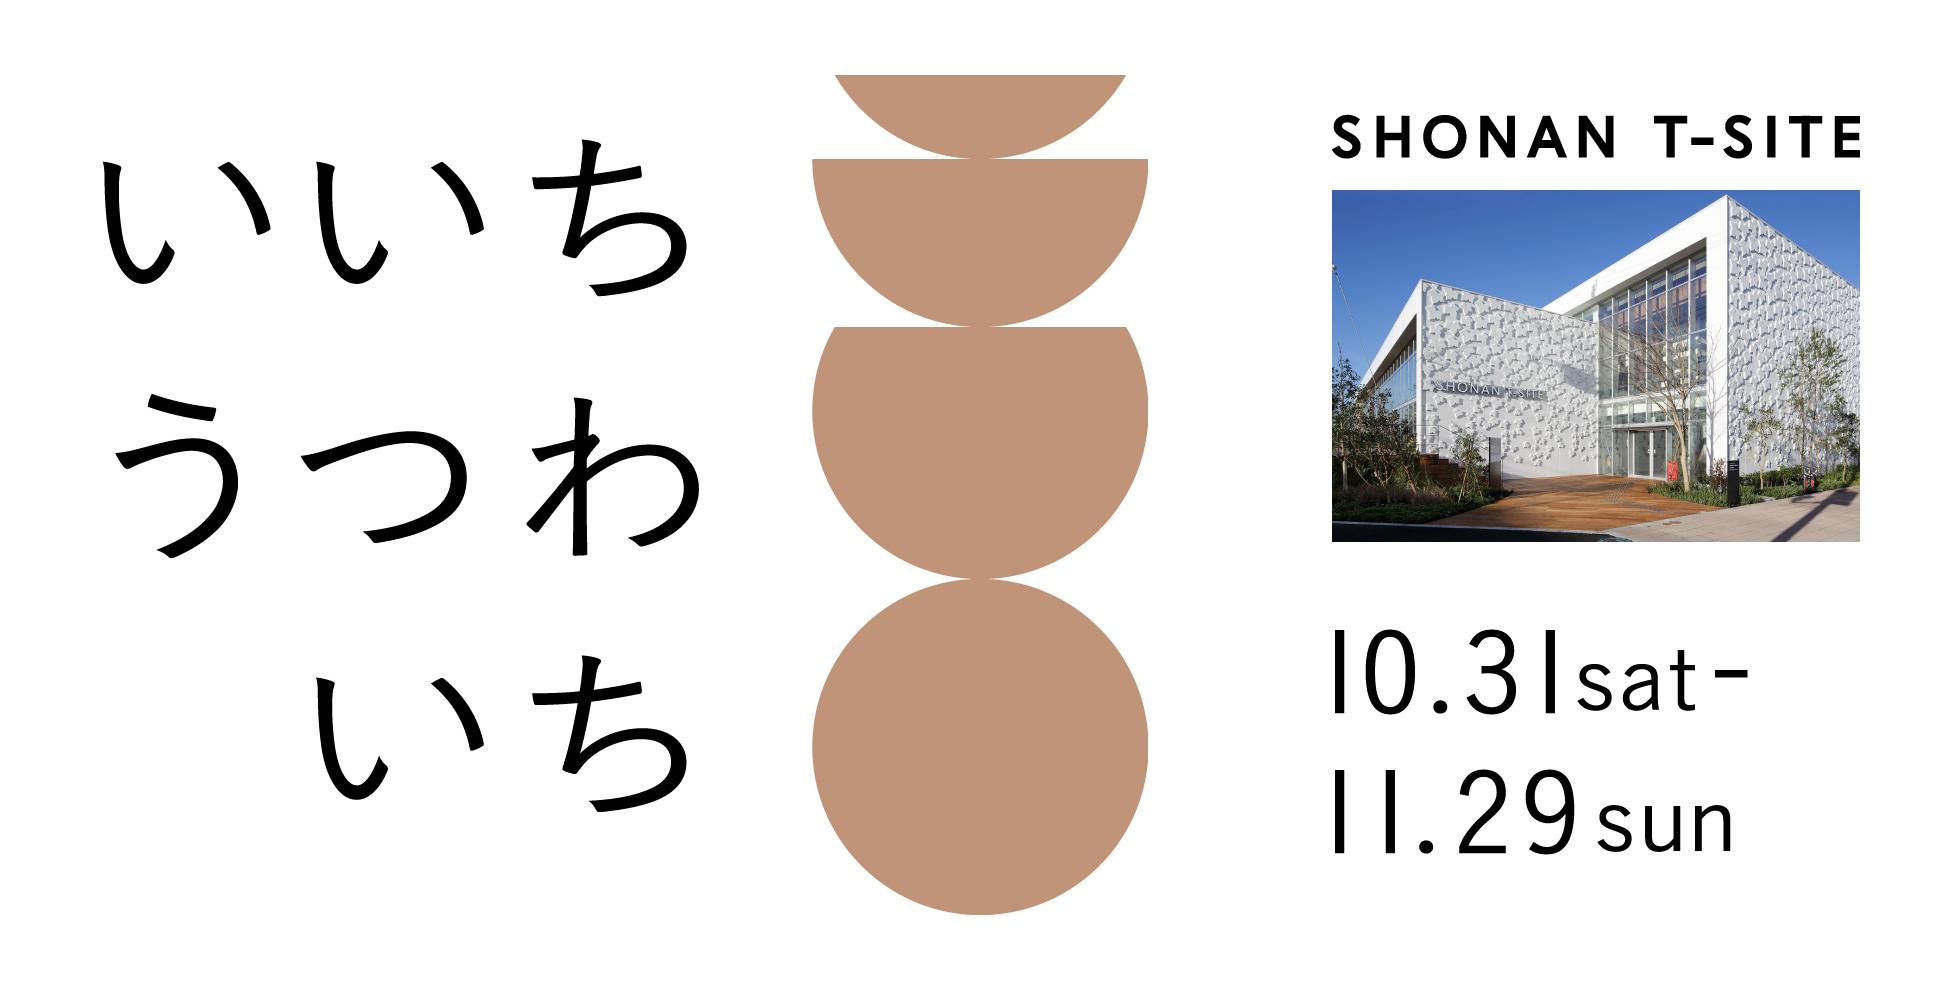 いいち うつわ いち in 湘南T-SITE